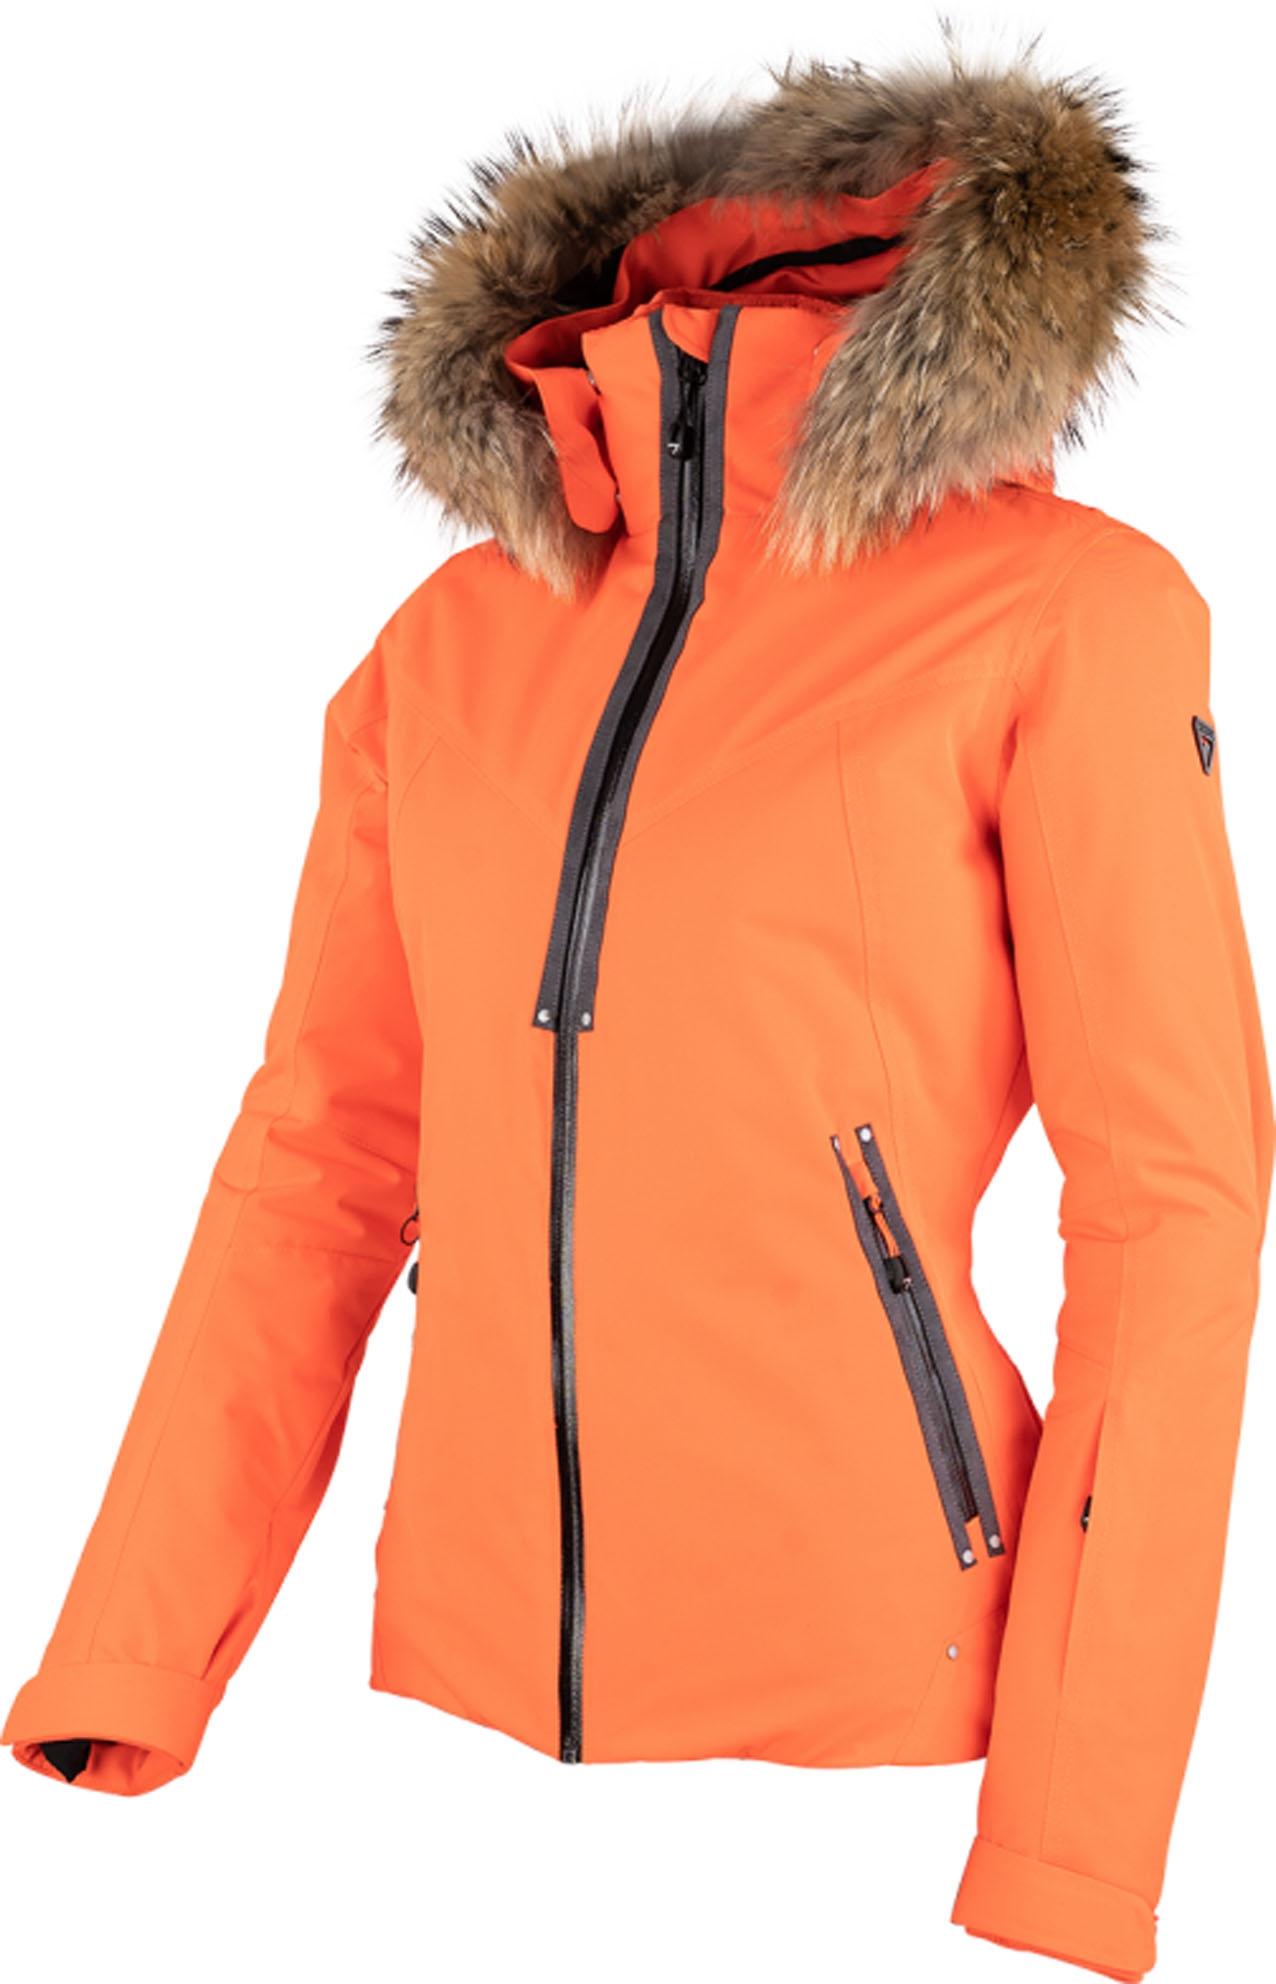 Geod FF Jkt White Degre 7 : Vestes ski : Snowleader